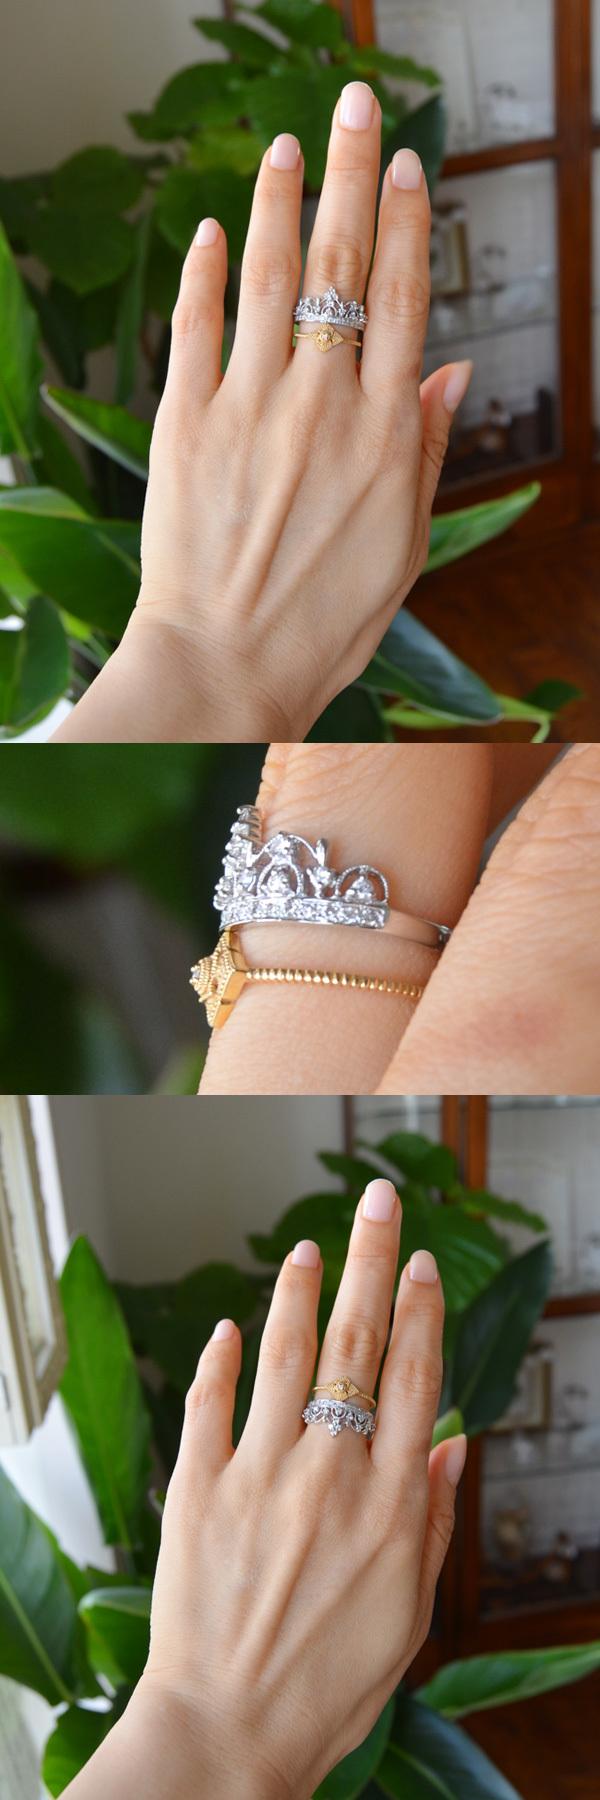 ティアラリングK18ダイアモンド菱形モチーフ指輪重ね付け